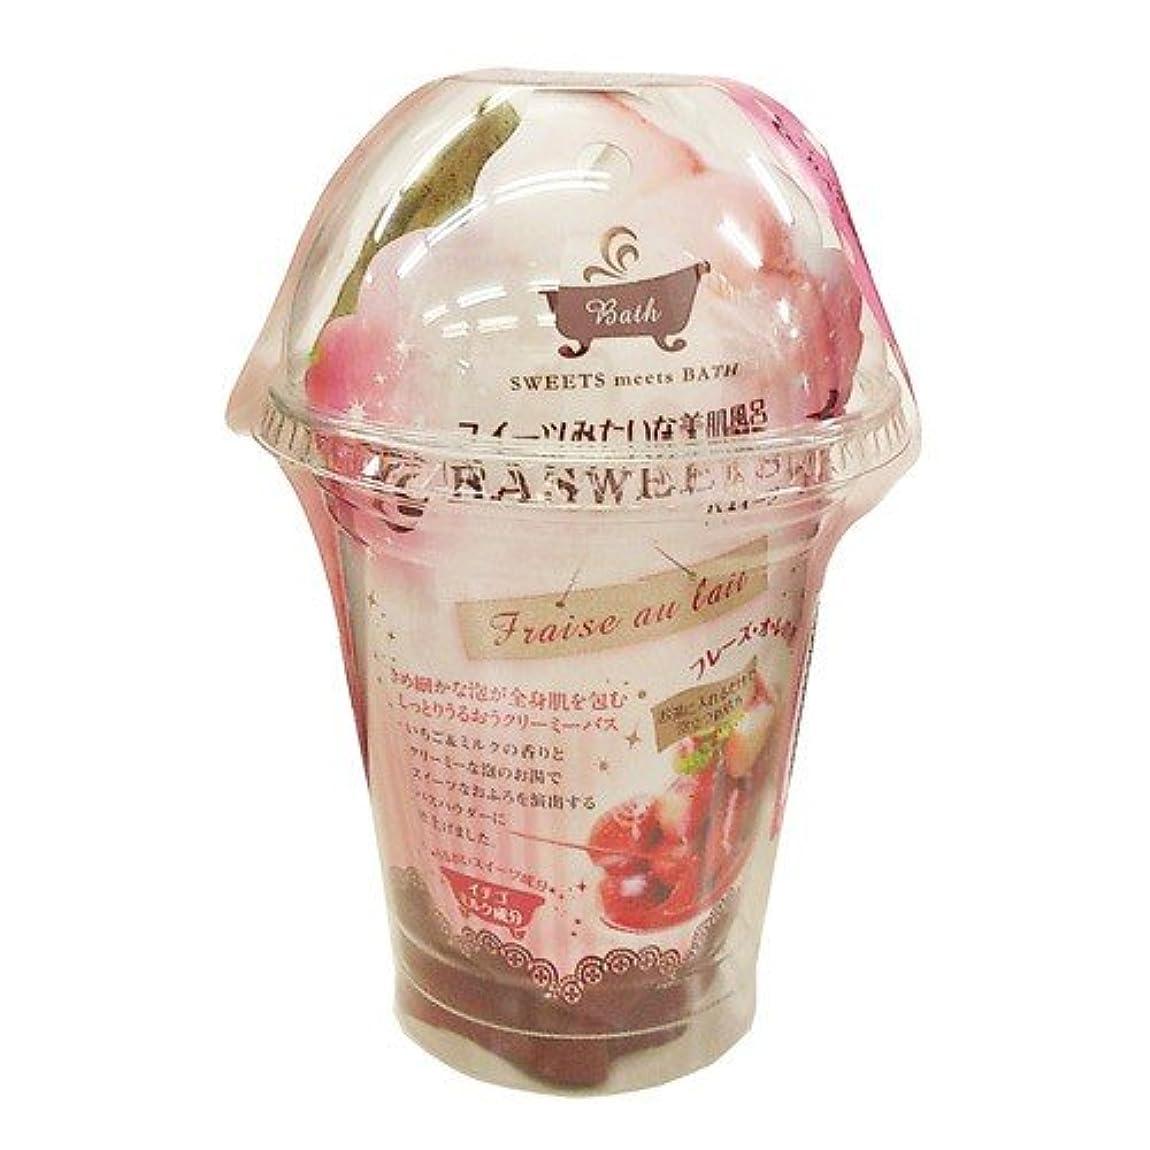 スピーチパノラマ成熟した【医薬部外品】バスクリン クール さわやかミントの香り600g 入浴剤